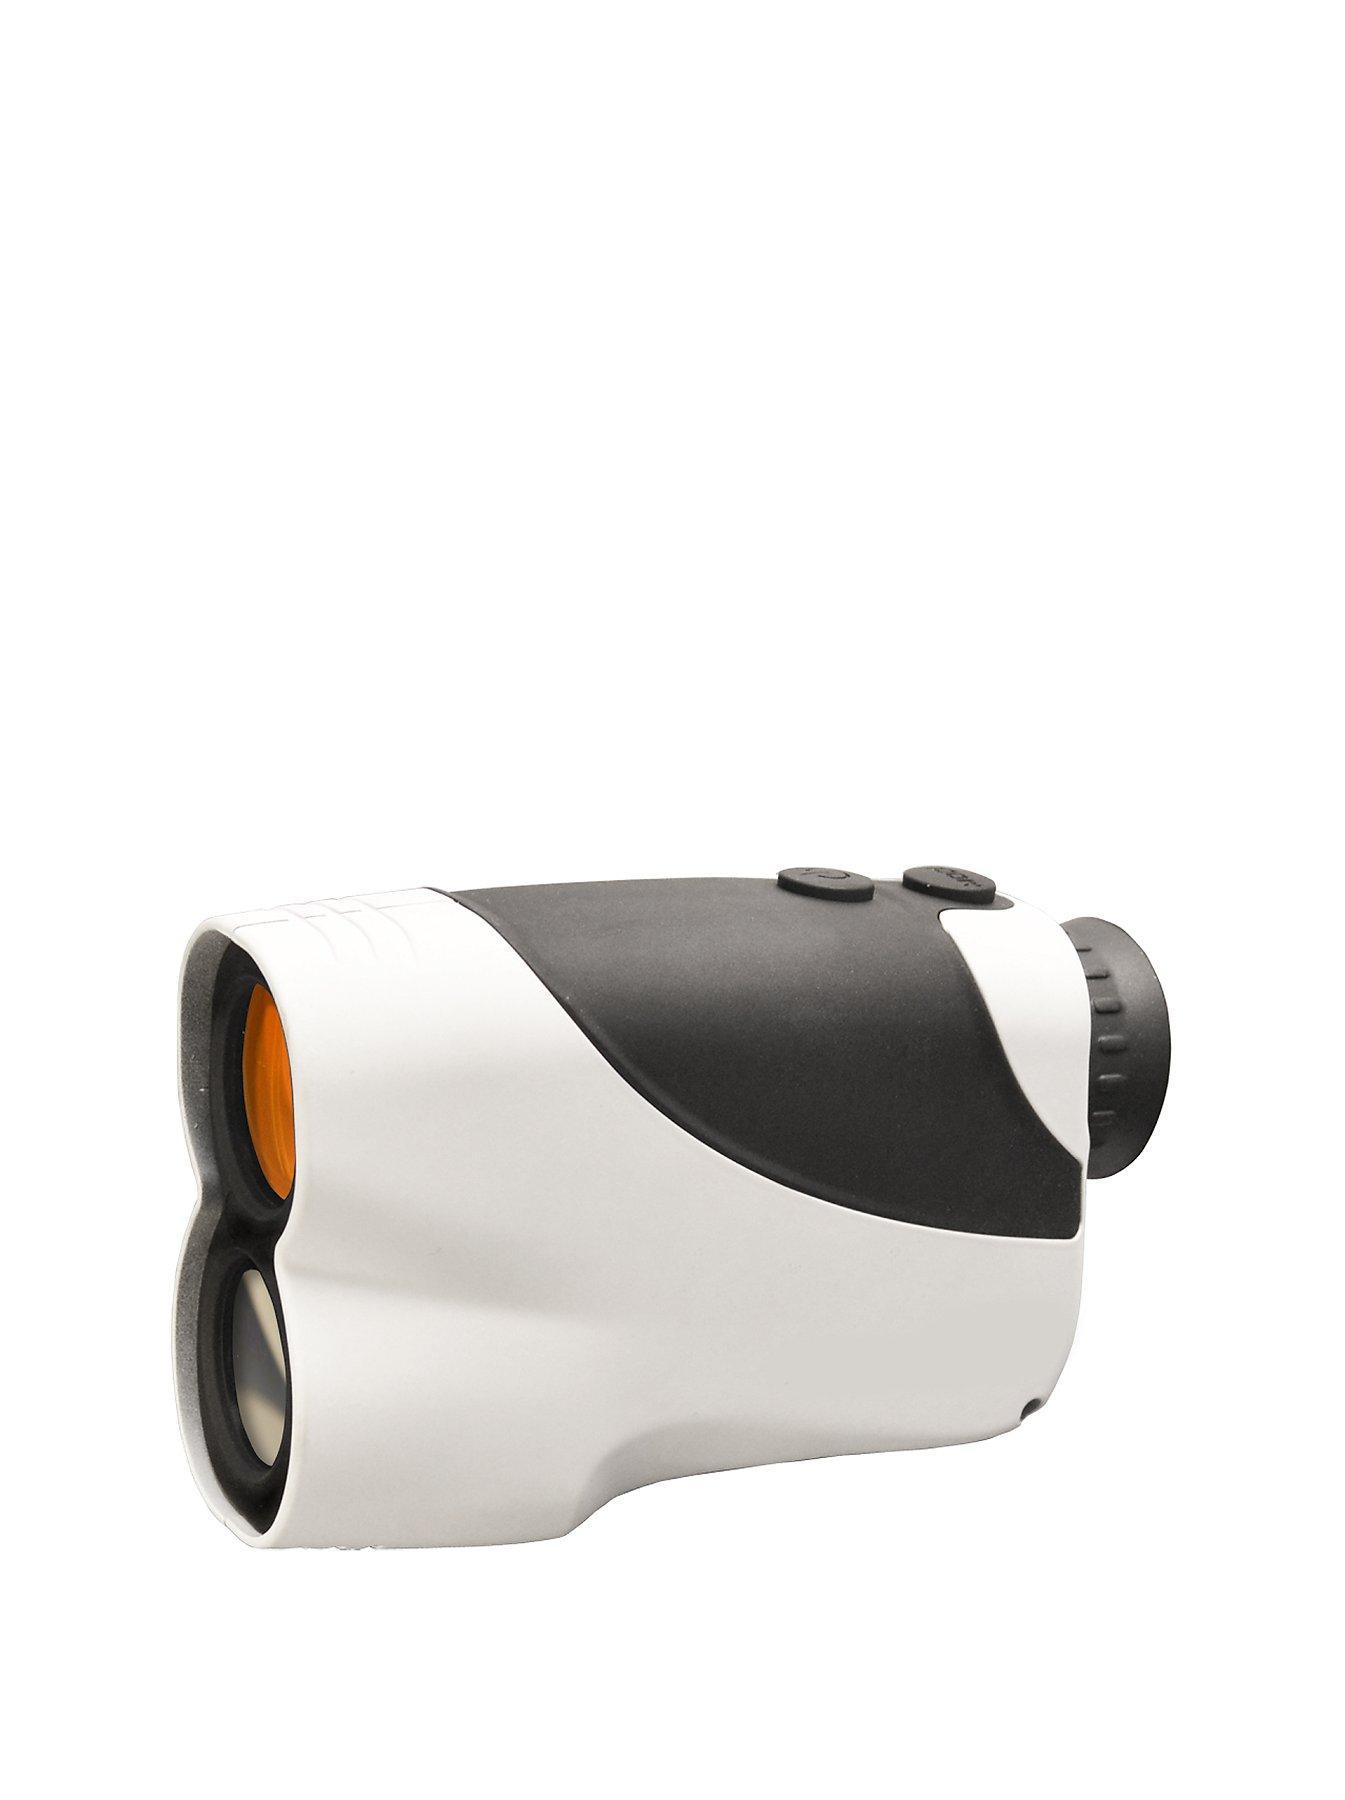 Hawkeye 800s Laser Distance Finder